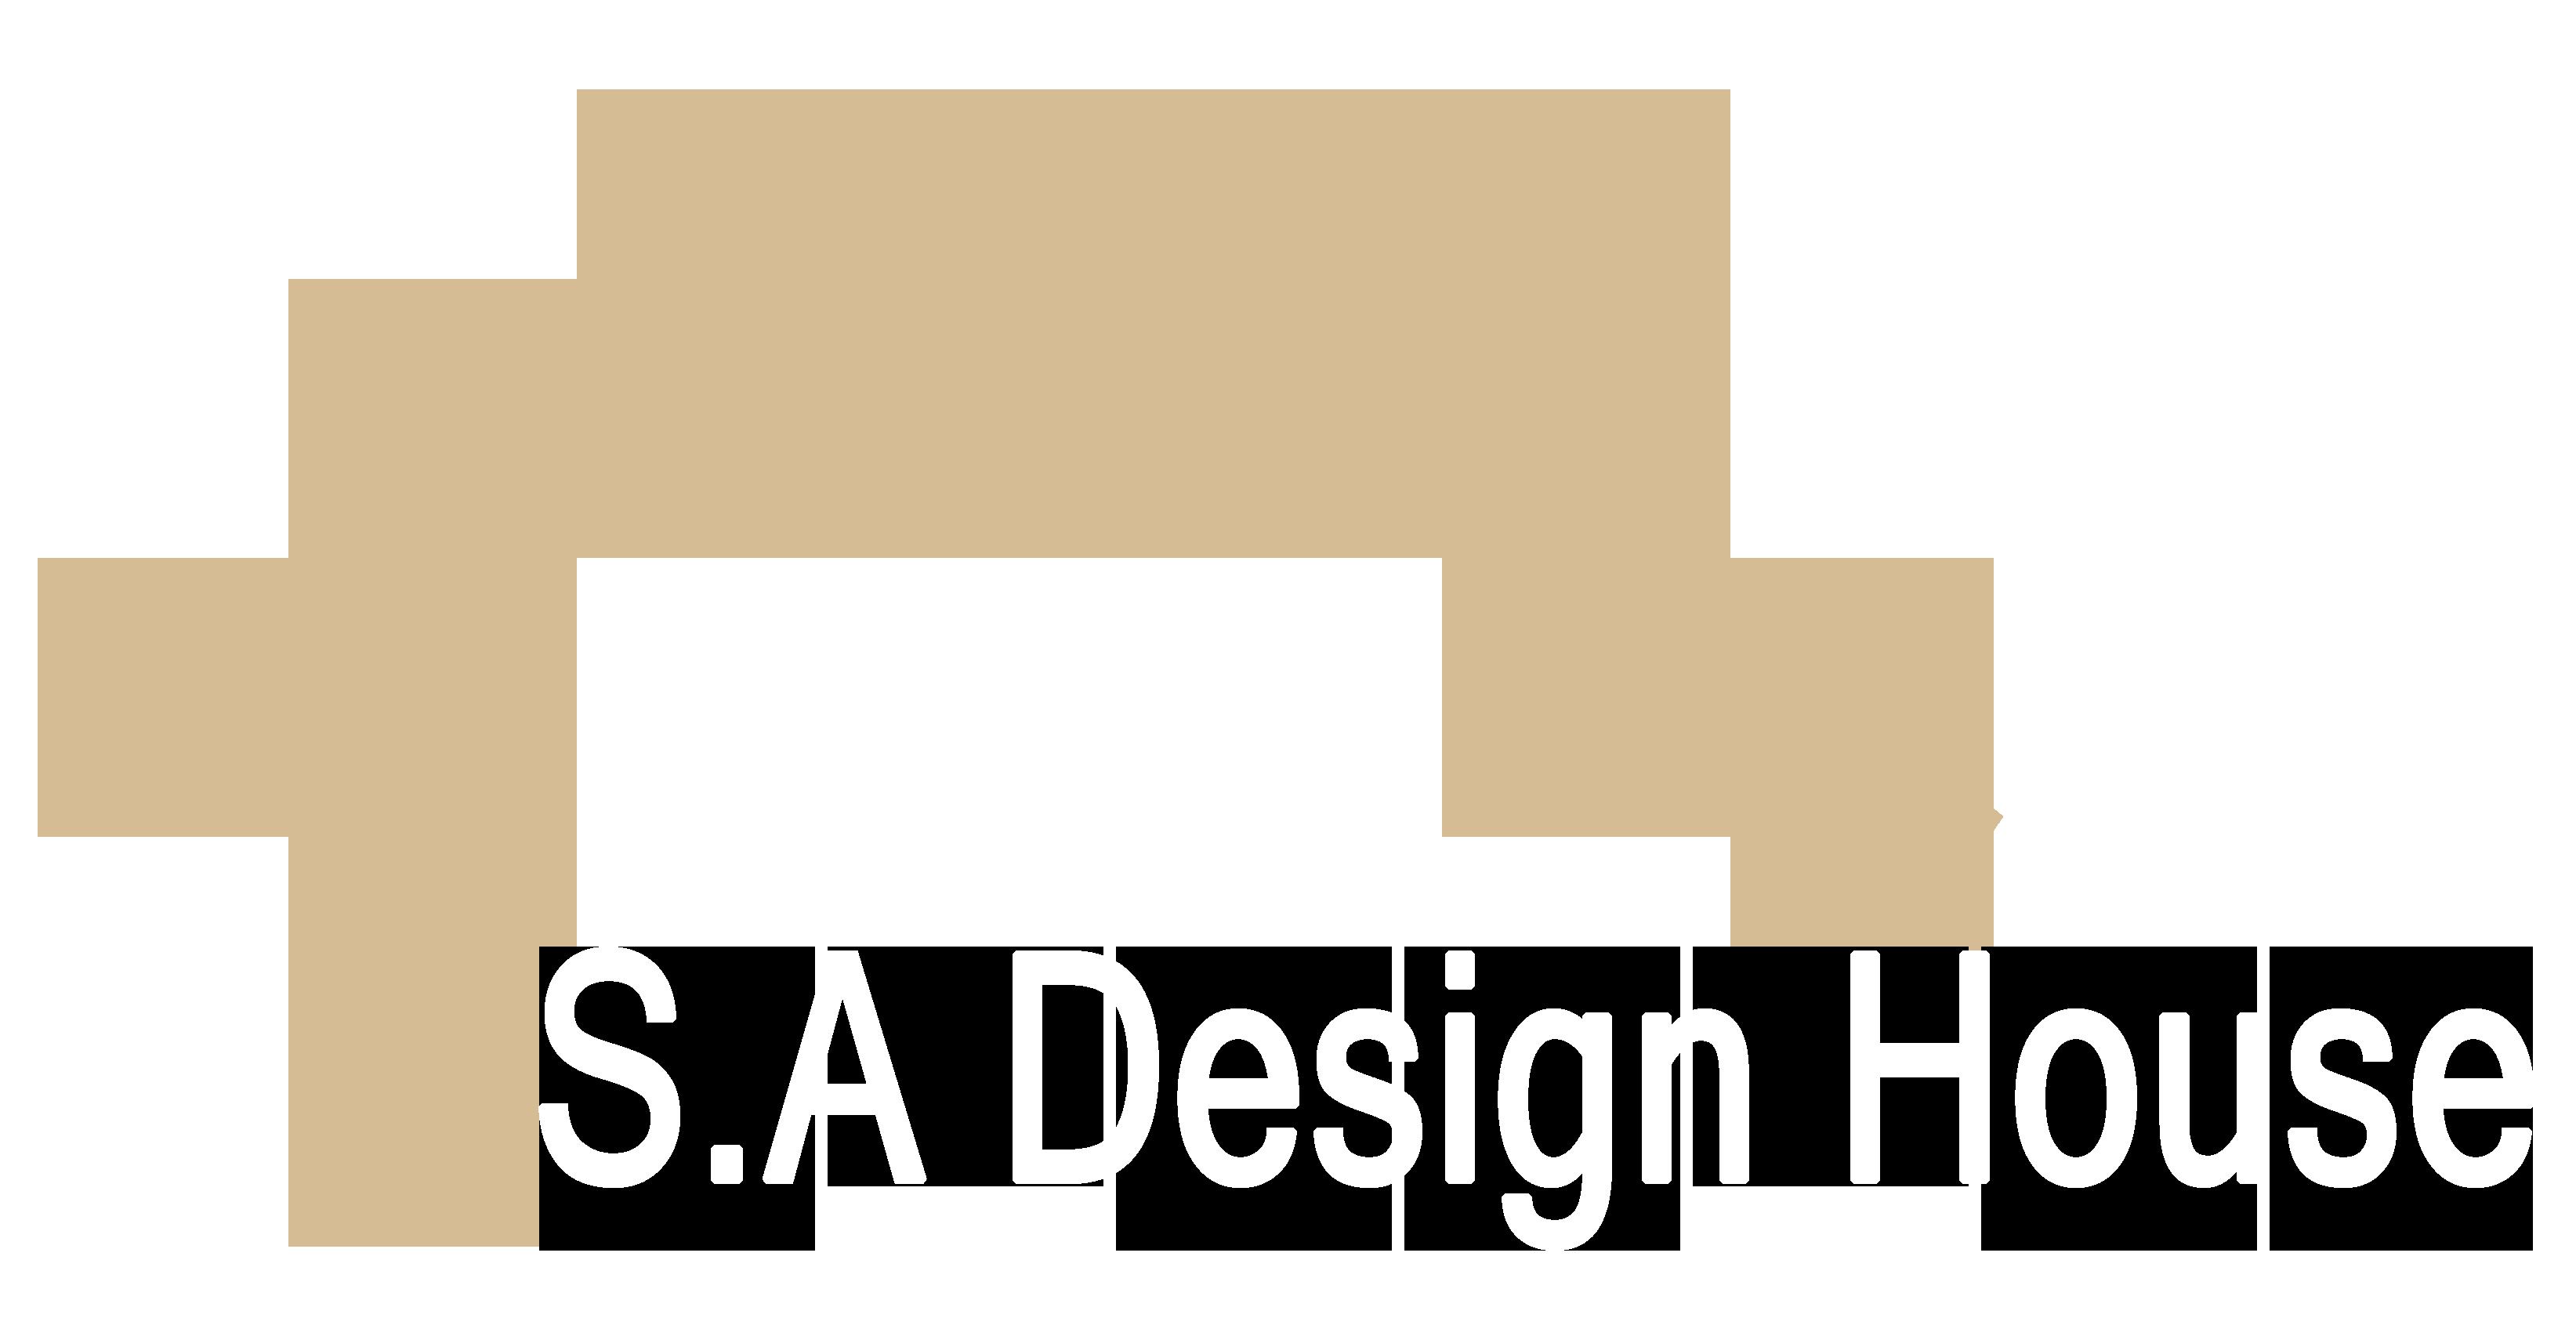 Sadesignhouse